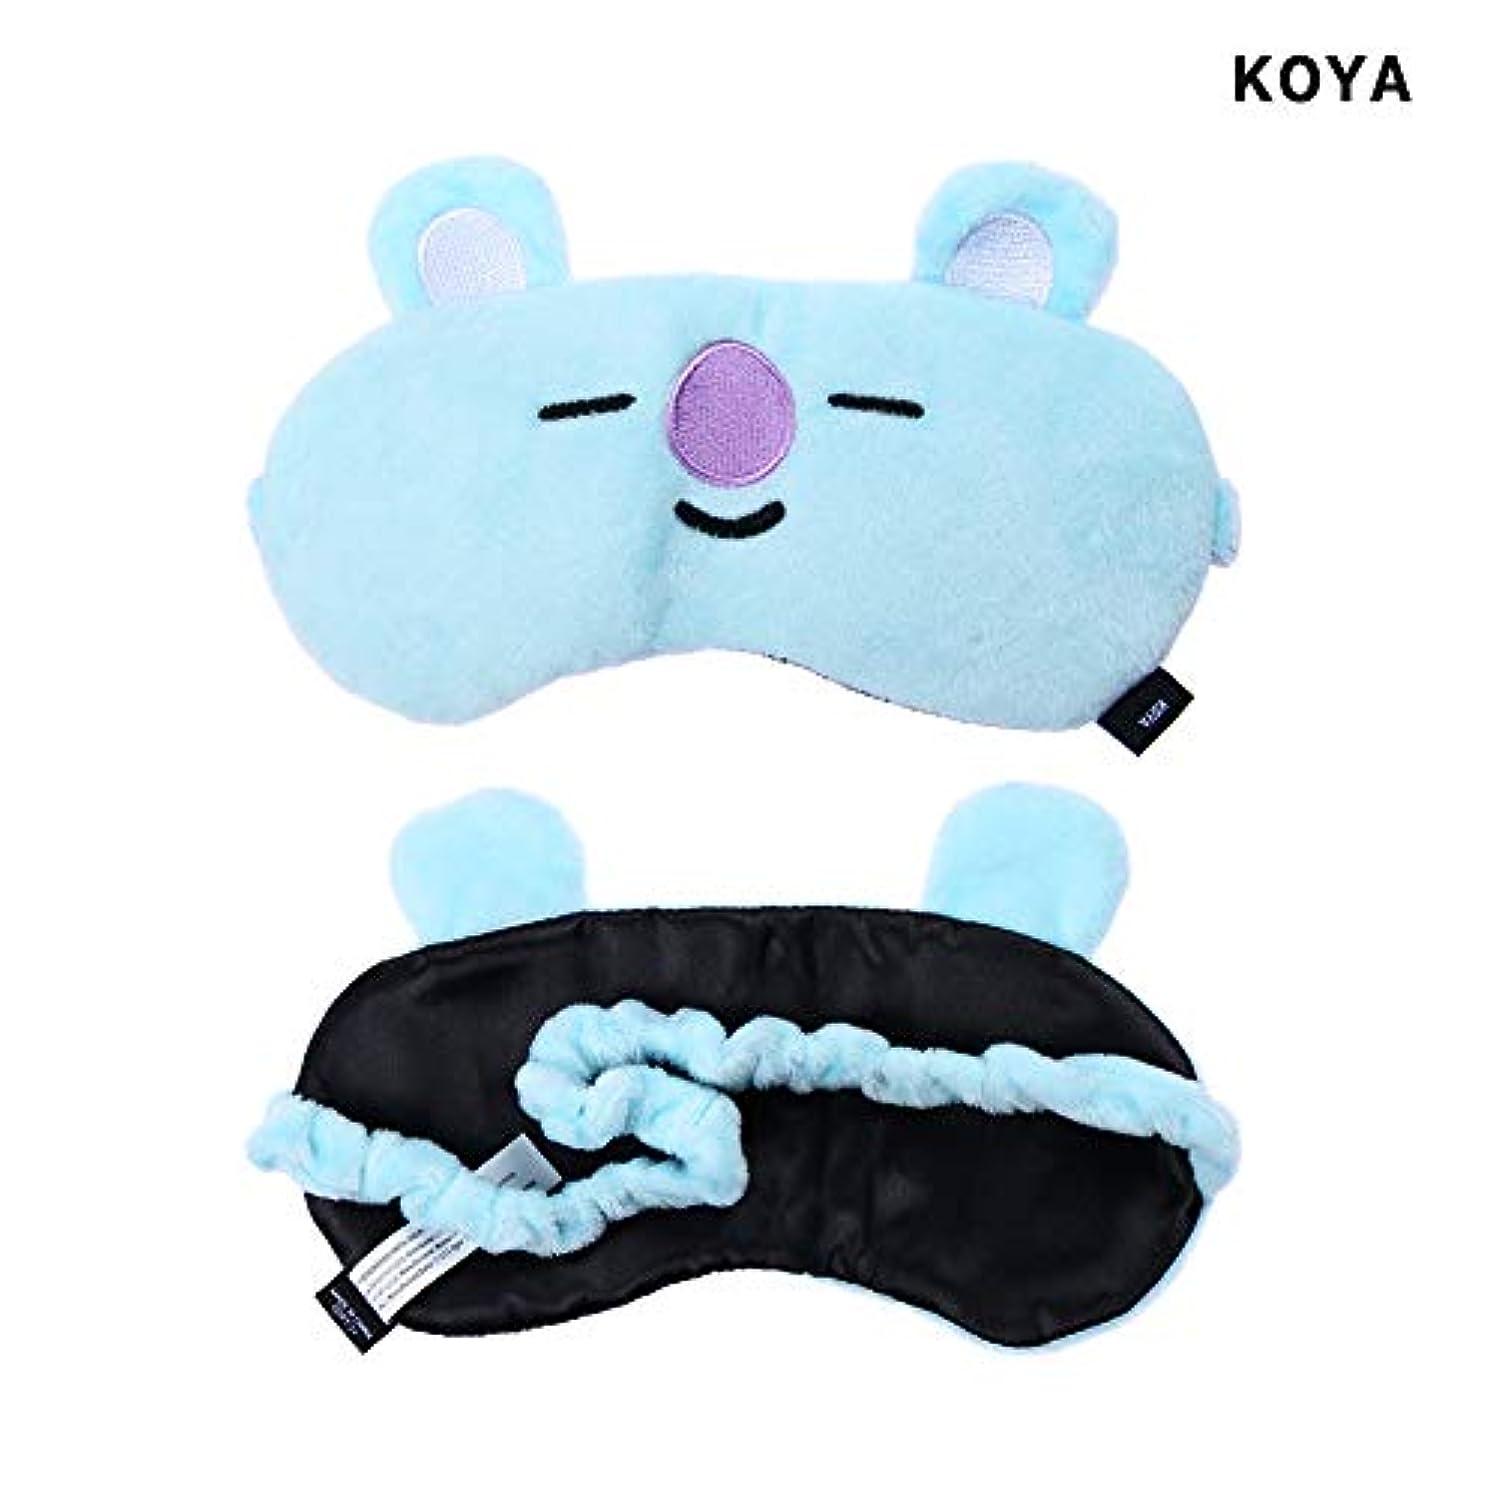 注文一生船NOTE かわいいアイマスクK-POP BTSバンタンボーイズレストスリープマスクBT21スガタタチミーRJクッキーアイシェードアイマスクパッチ睡眠ケアツール